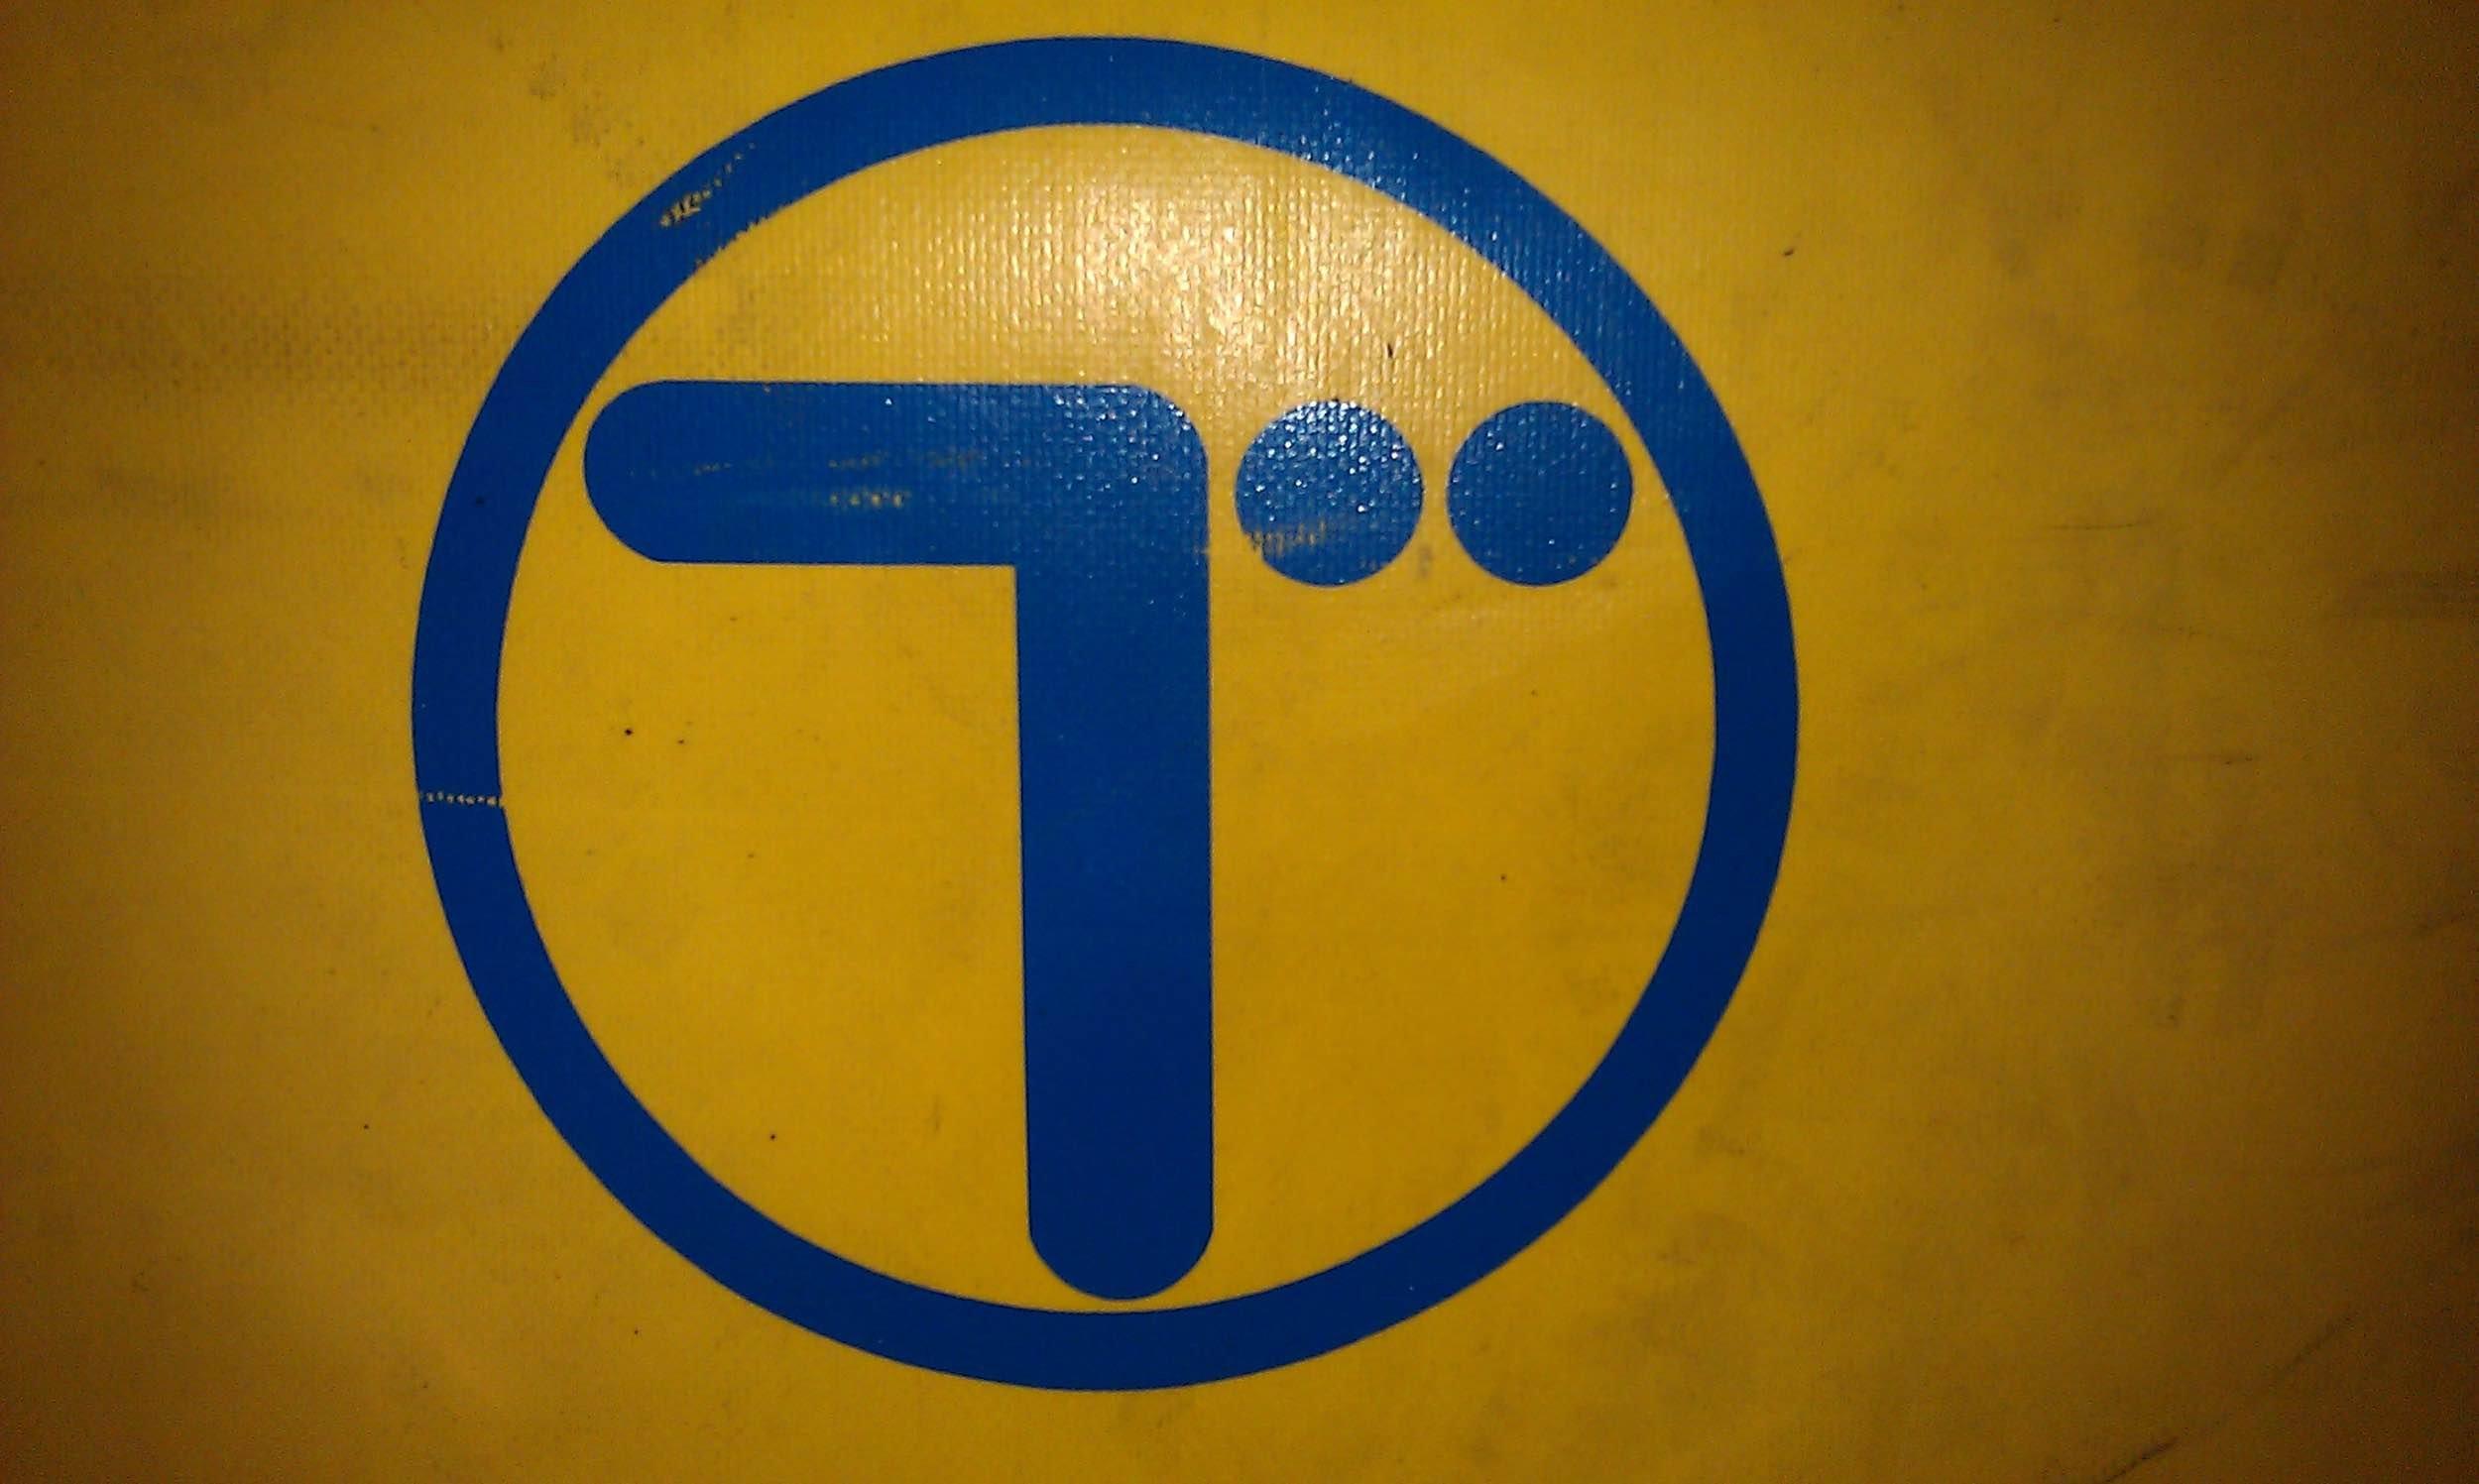 Retro BT Logo